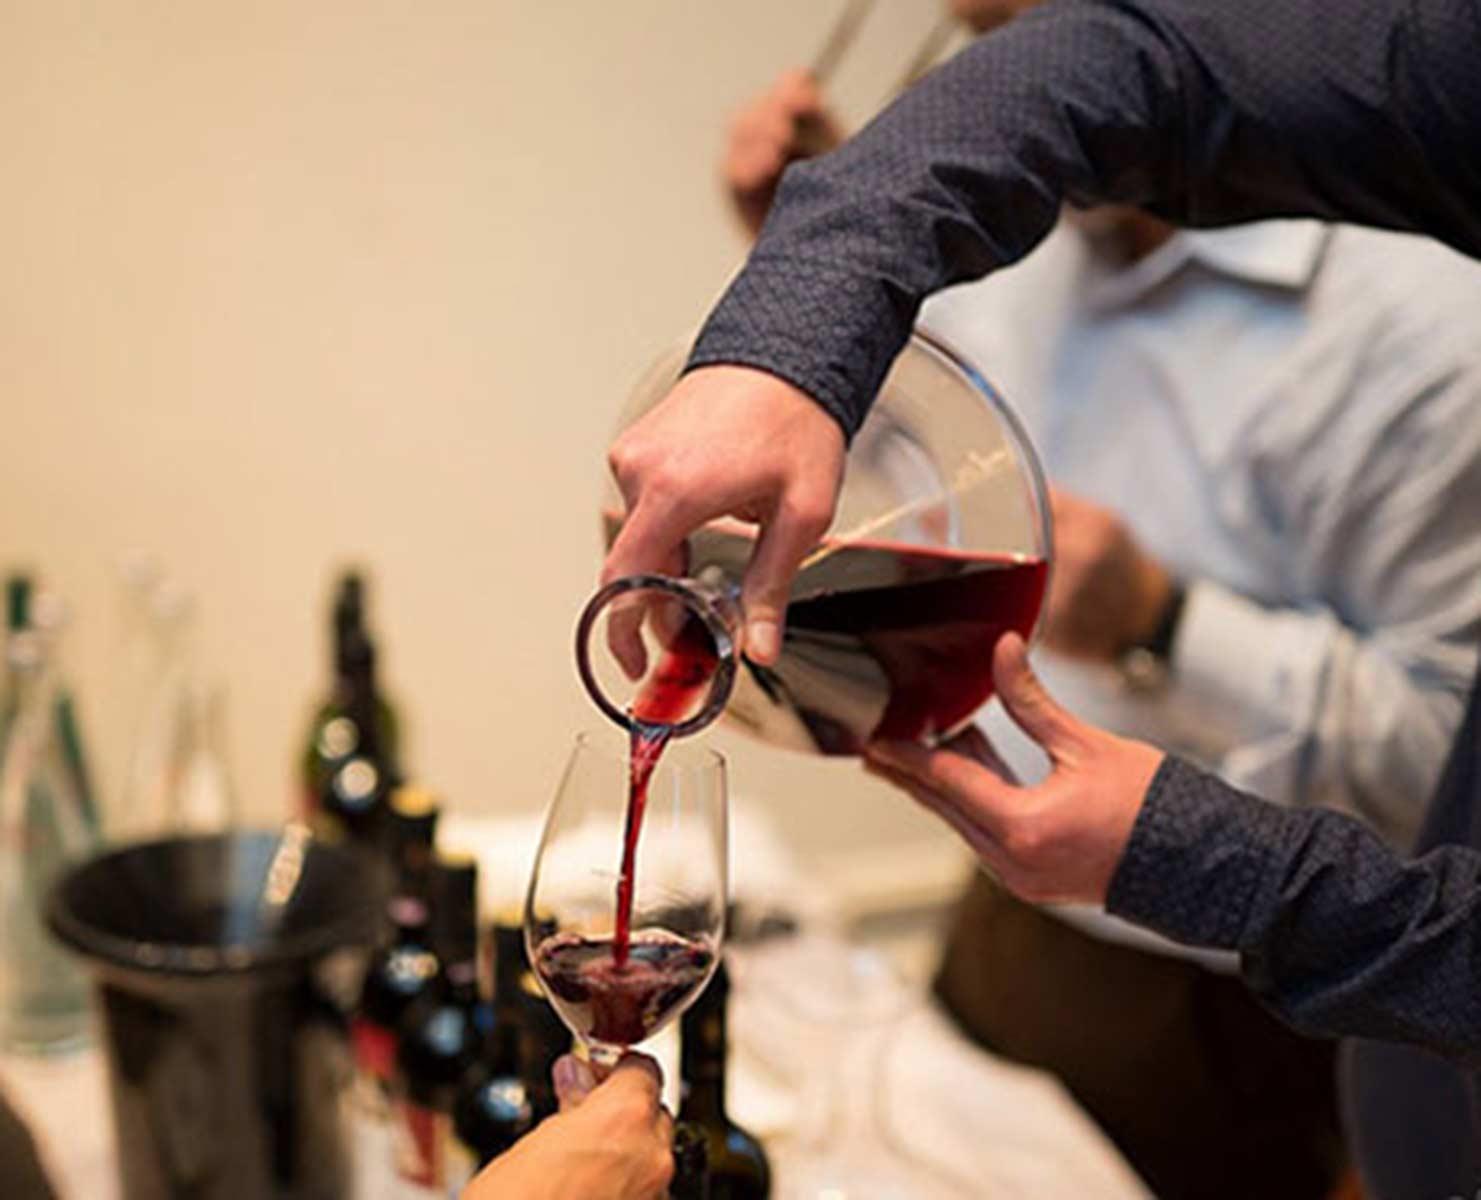 Κρασί-Γεύσεις-Ιωάννινα